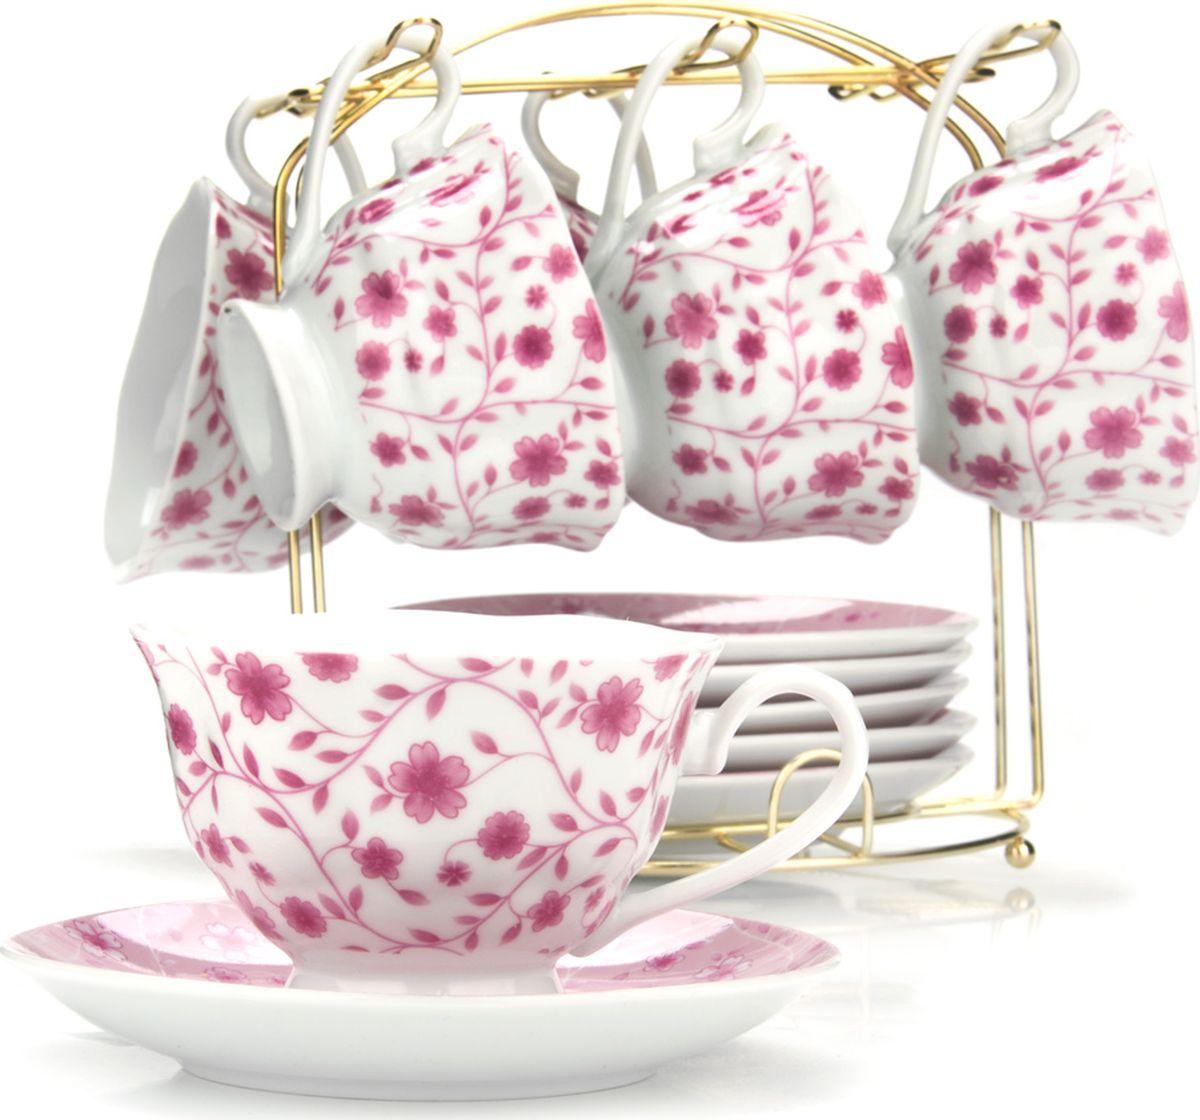 Сервиз чайный Loraine, на подставке, 13 предметов. 43297FS-91909Чайный набор состоит из шести чашек, шести блюдец и металлической подставки золотого цвета. Предметы набора изготовлены из качественного фарфора и оформлены красочным цветным рисунком. Чайный набор идеально подойдет для сервировки стола и станет отличным подарком к любому празднику. Все изделия можно компактно хранить на подставке, входящей в набор. Подходит для мытья в посудомоечной машине.Диаметр чашки: 9,5 см.Высота чашки: 6,5 см.Объем чашки: 180 мл.Диаметр блюдца: 14 см.